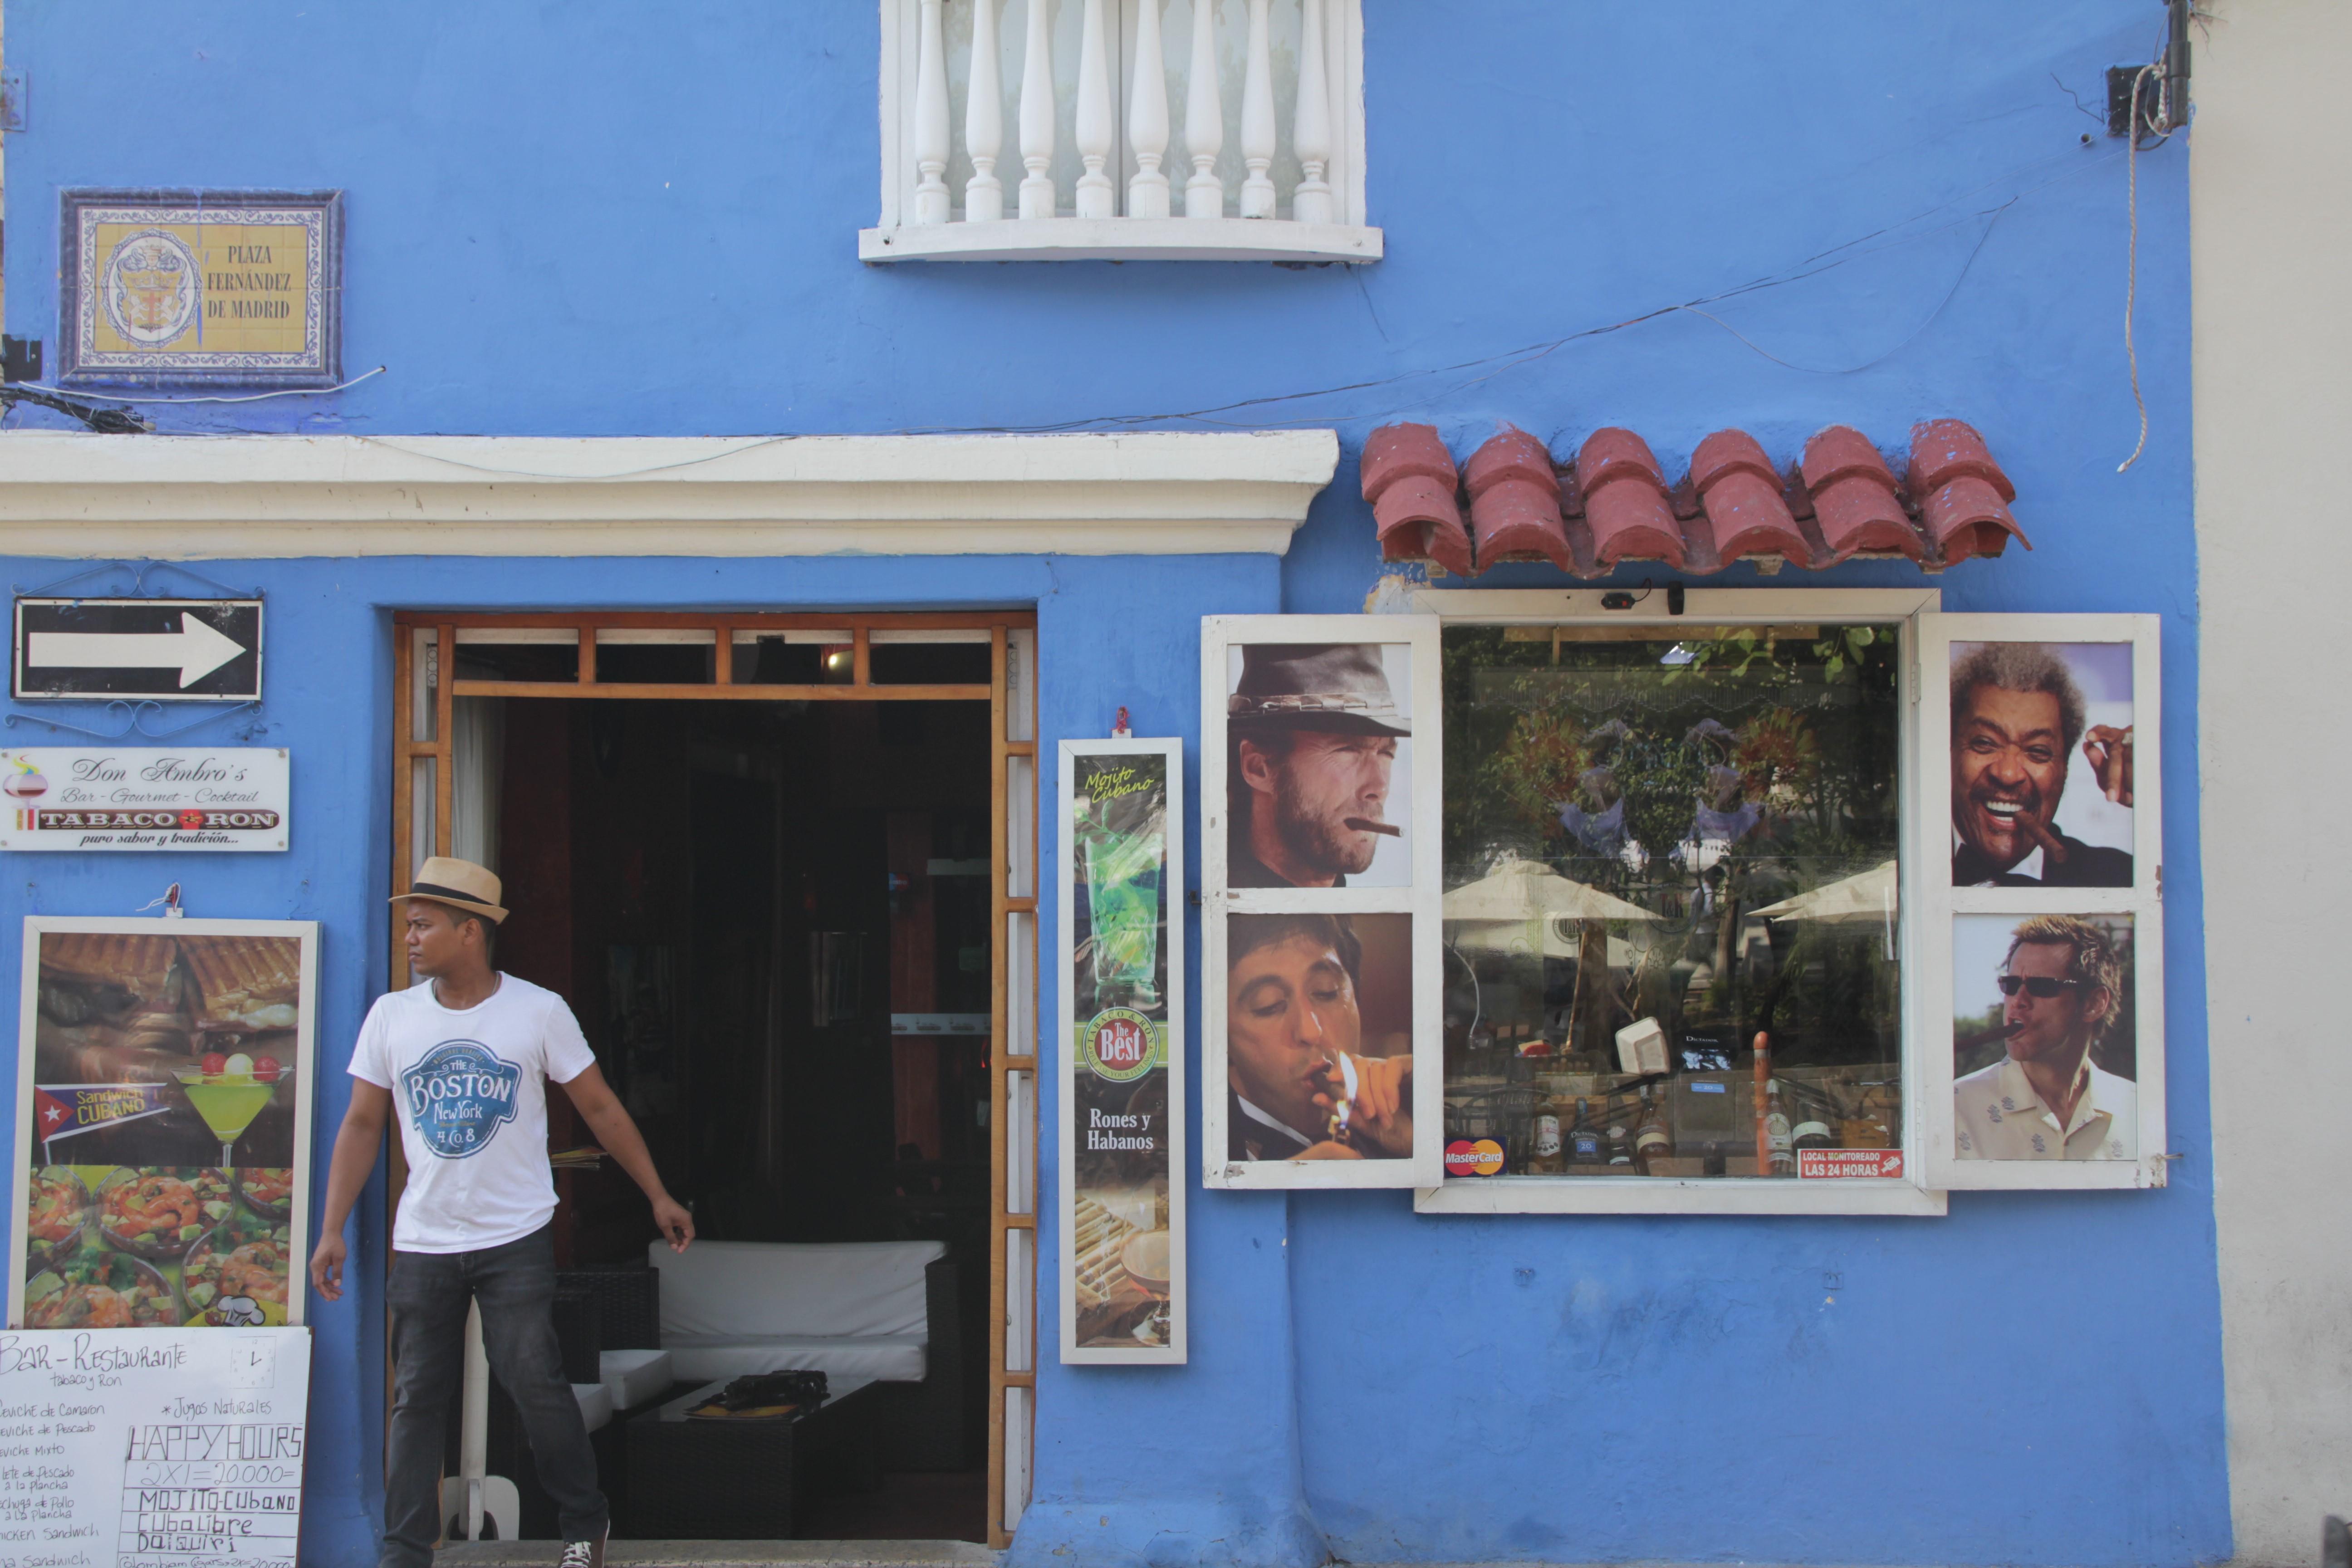 Un bistrot cubain met des vedettes fumant leur gros cigare en vitrine (© Jérôme Decoster).